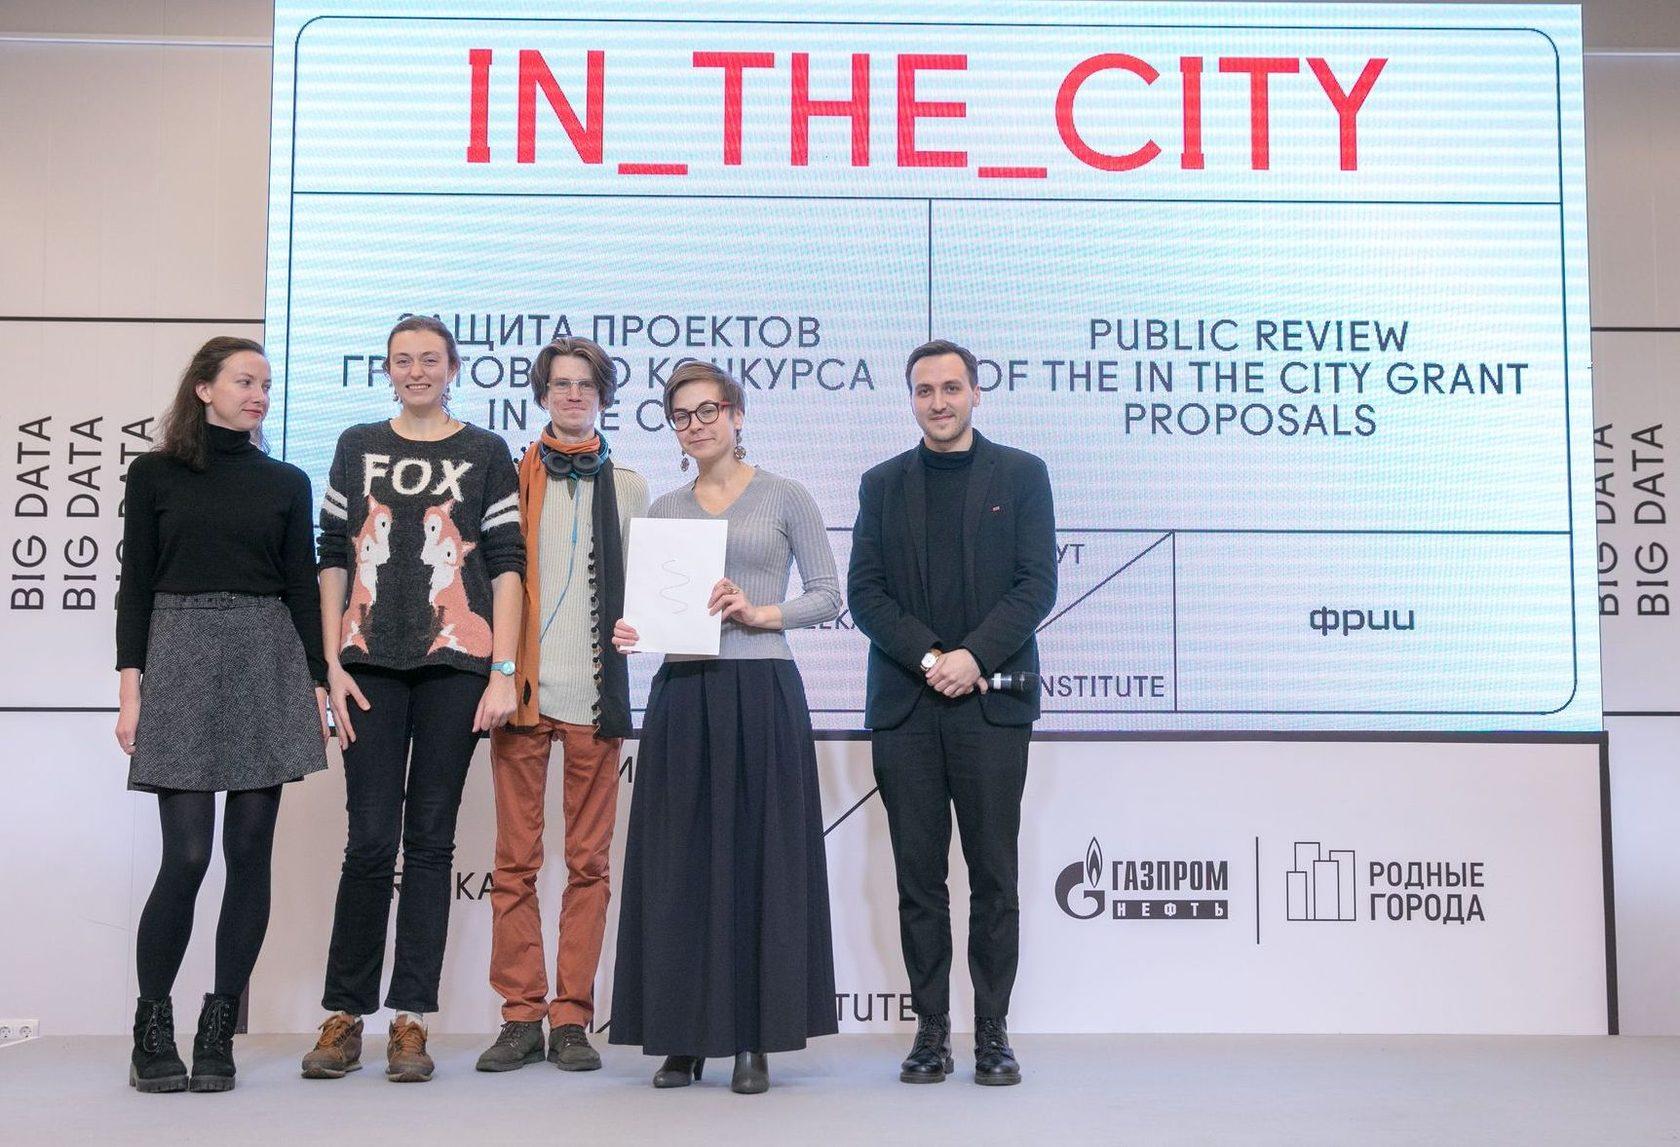 конференция InTheCity, родные города, газпром нефть